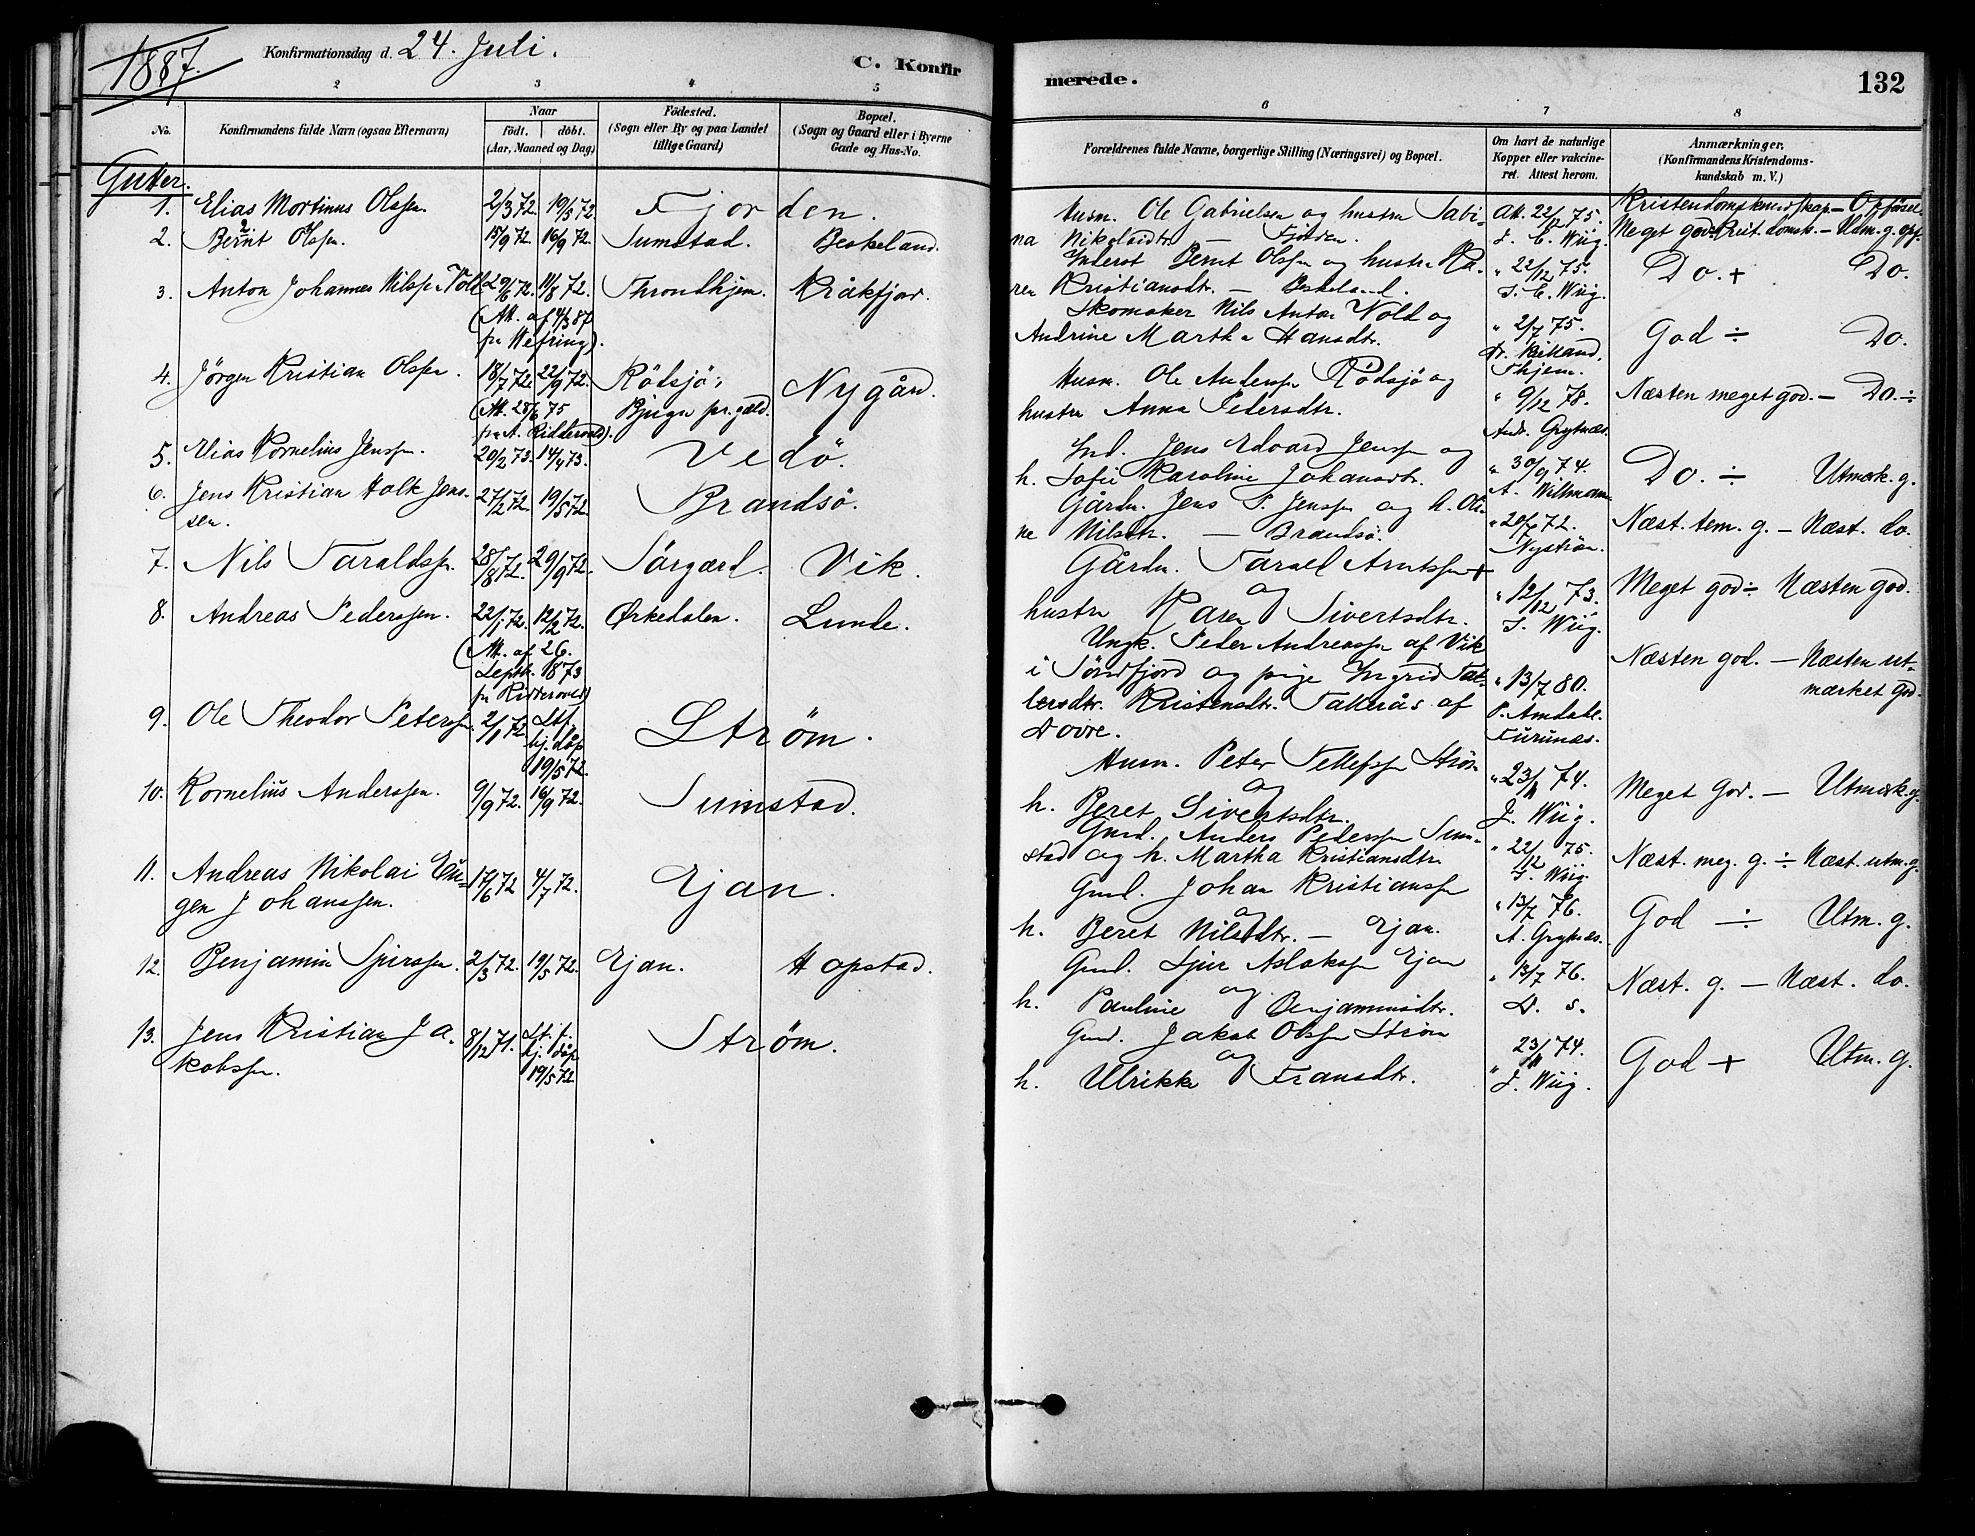 SAT, Ministerialprotokoller, klokkerbøker og fødselsregistre - Sør-Trøndelag, 657/L0707: Ministerialbok nr. 657A08, 1879-1893, s. 132